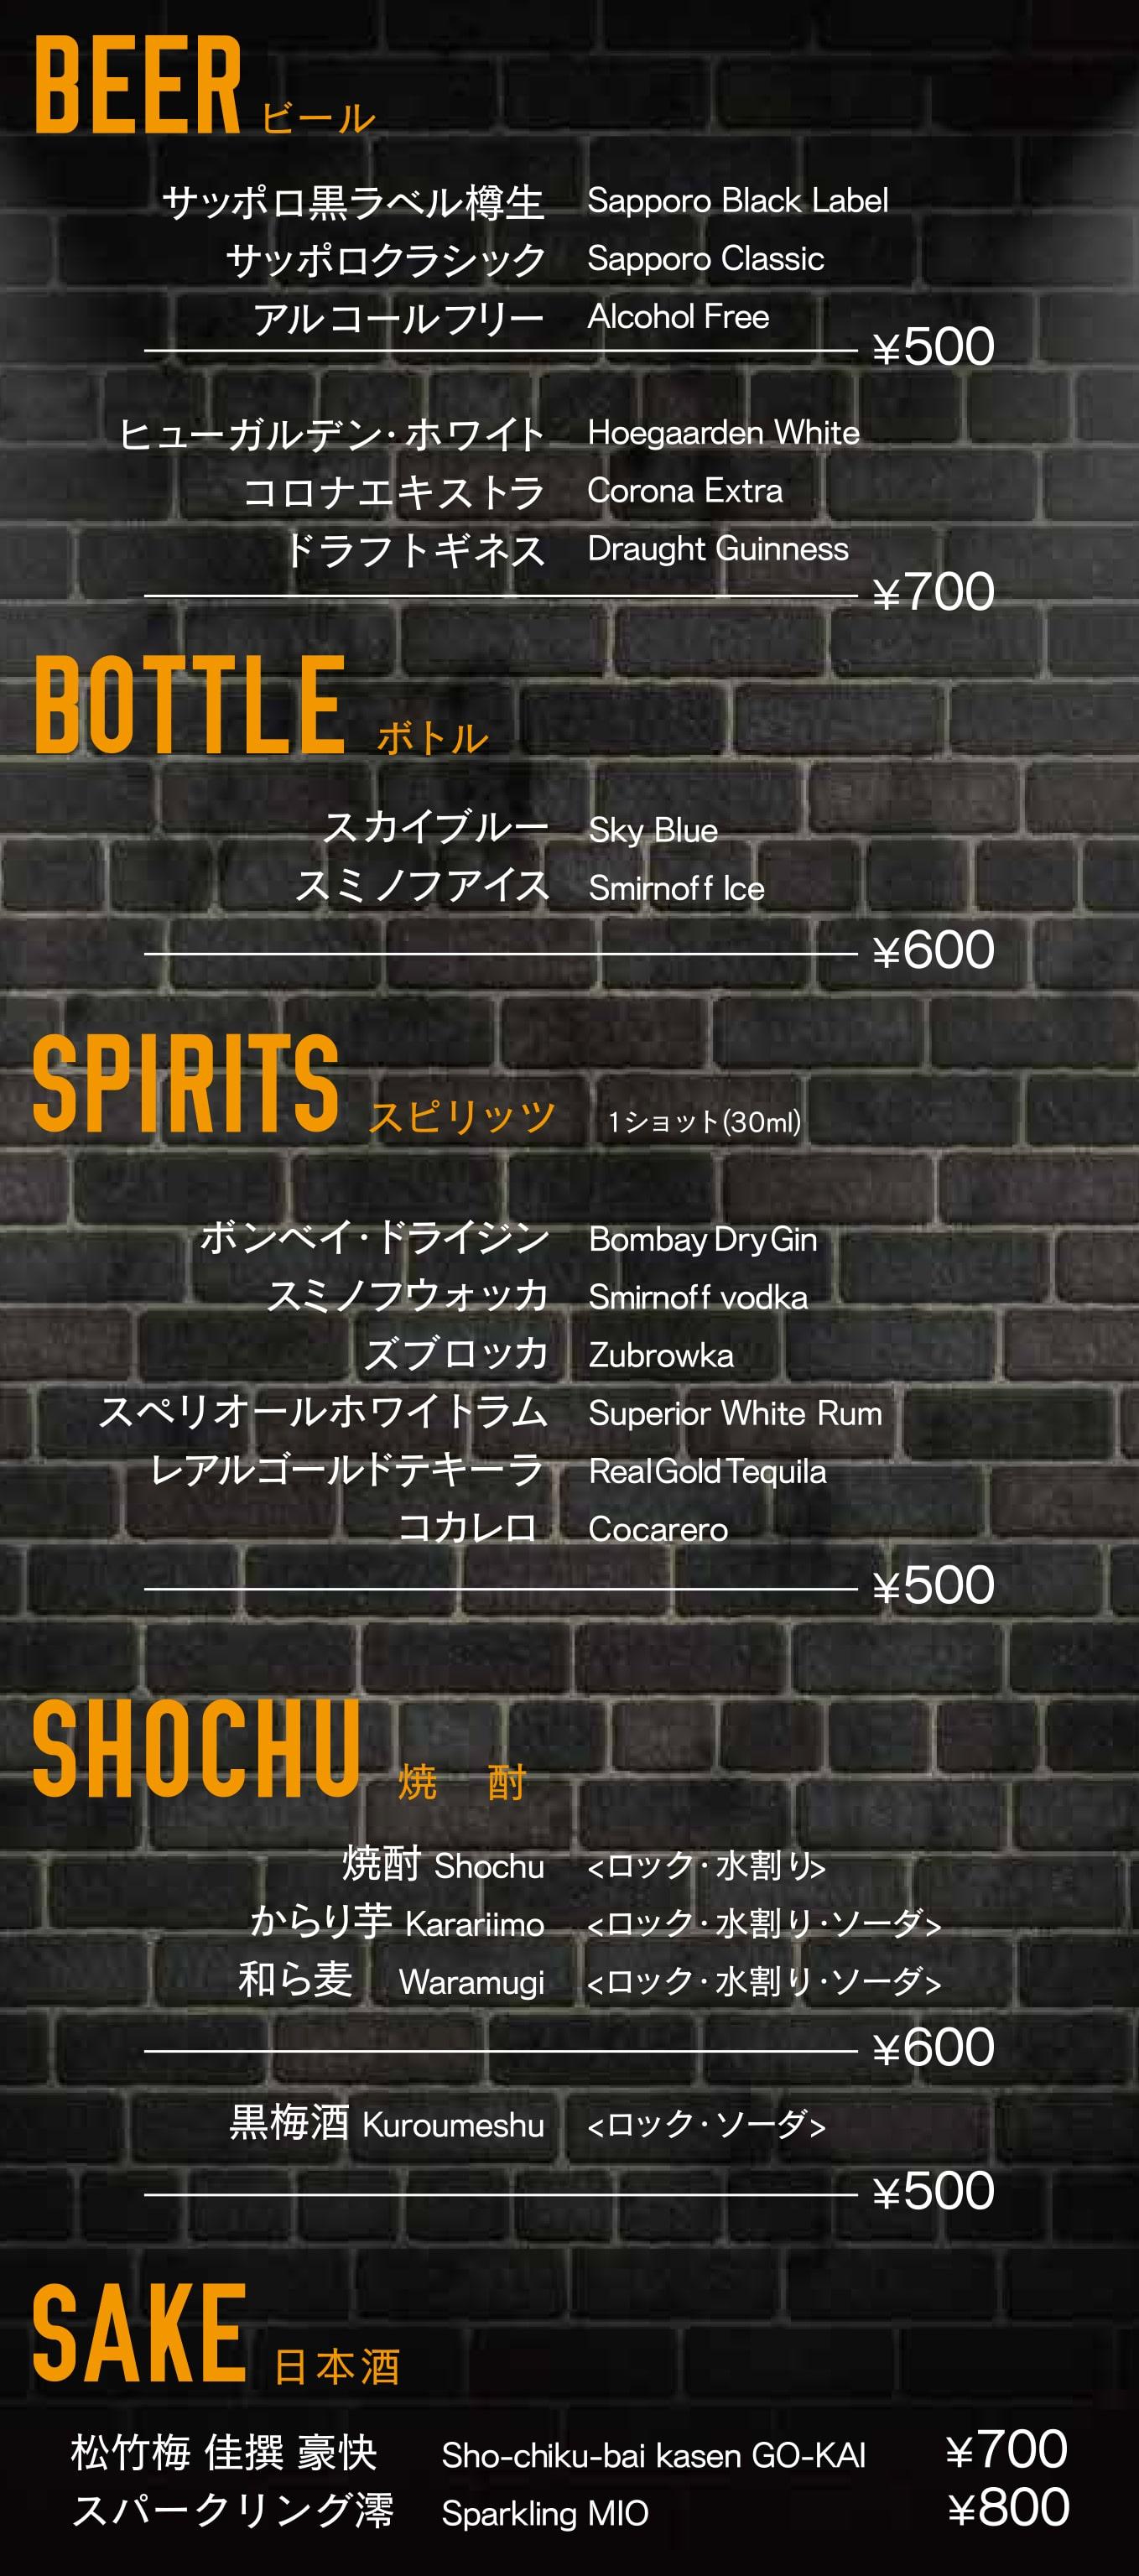 ビール・ボトル・スピリッツ・焼酎・日本酒